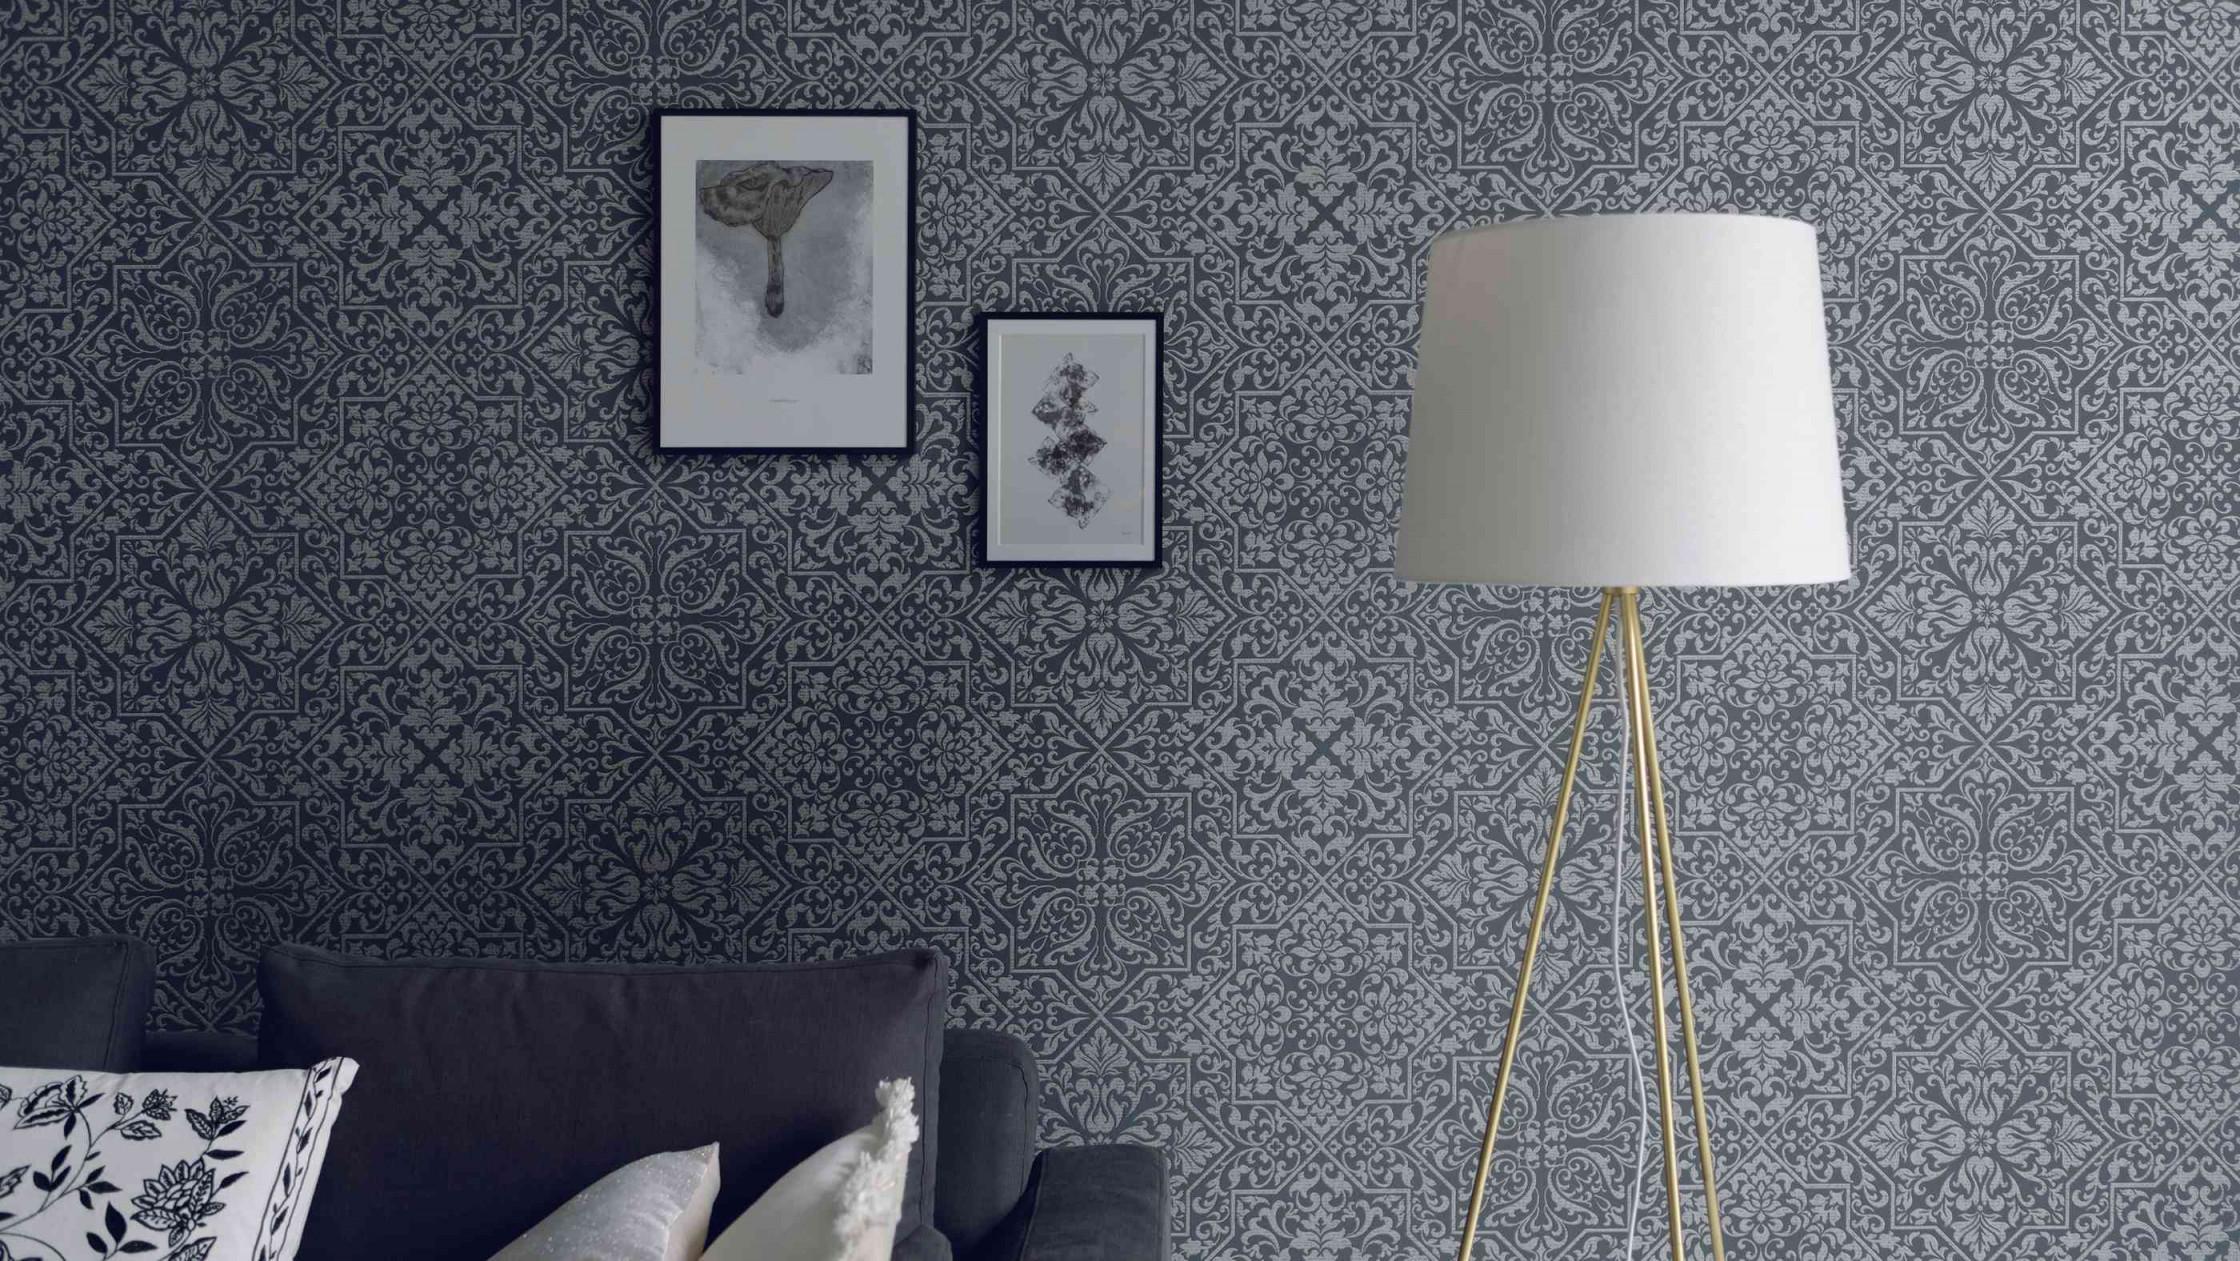 Tapetentrends 2020 So Sehen Die Tapeten Der Zukunft Aus von Tapeten Im Wohnzimmer Bild